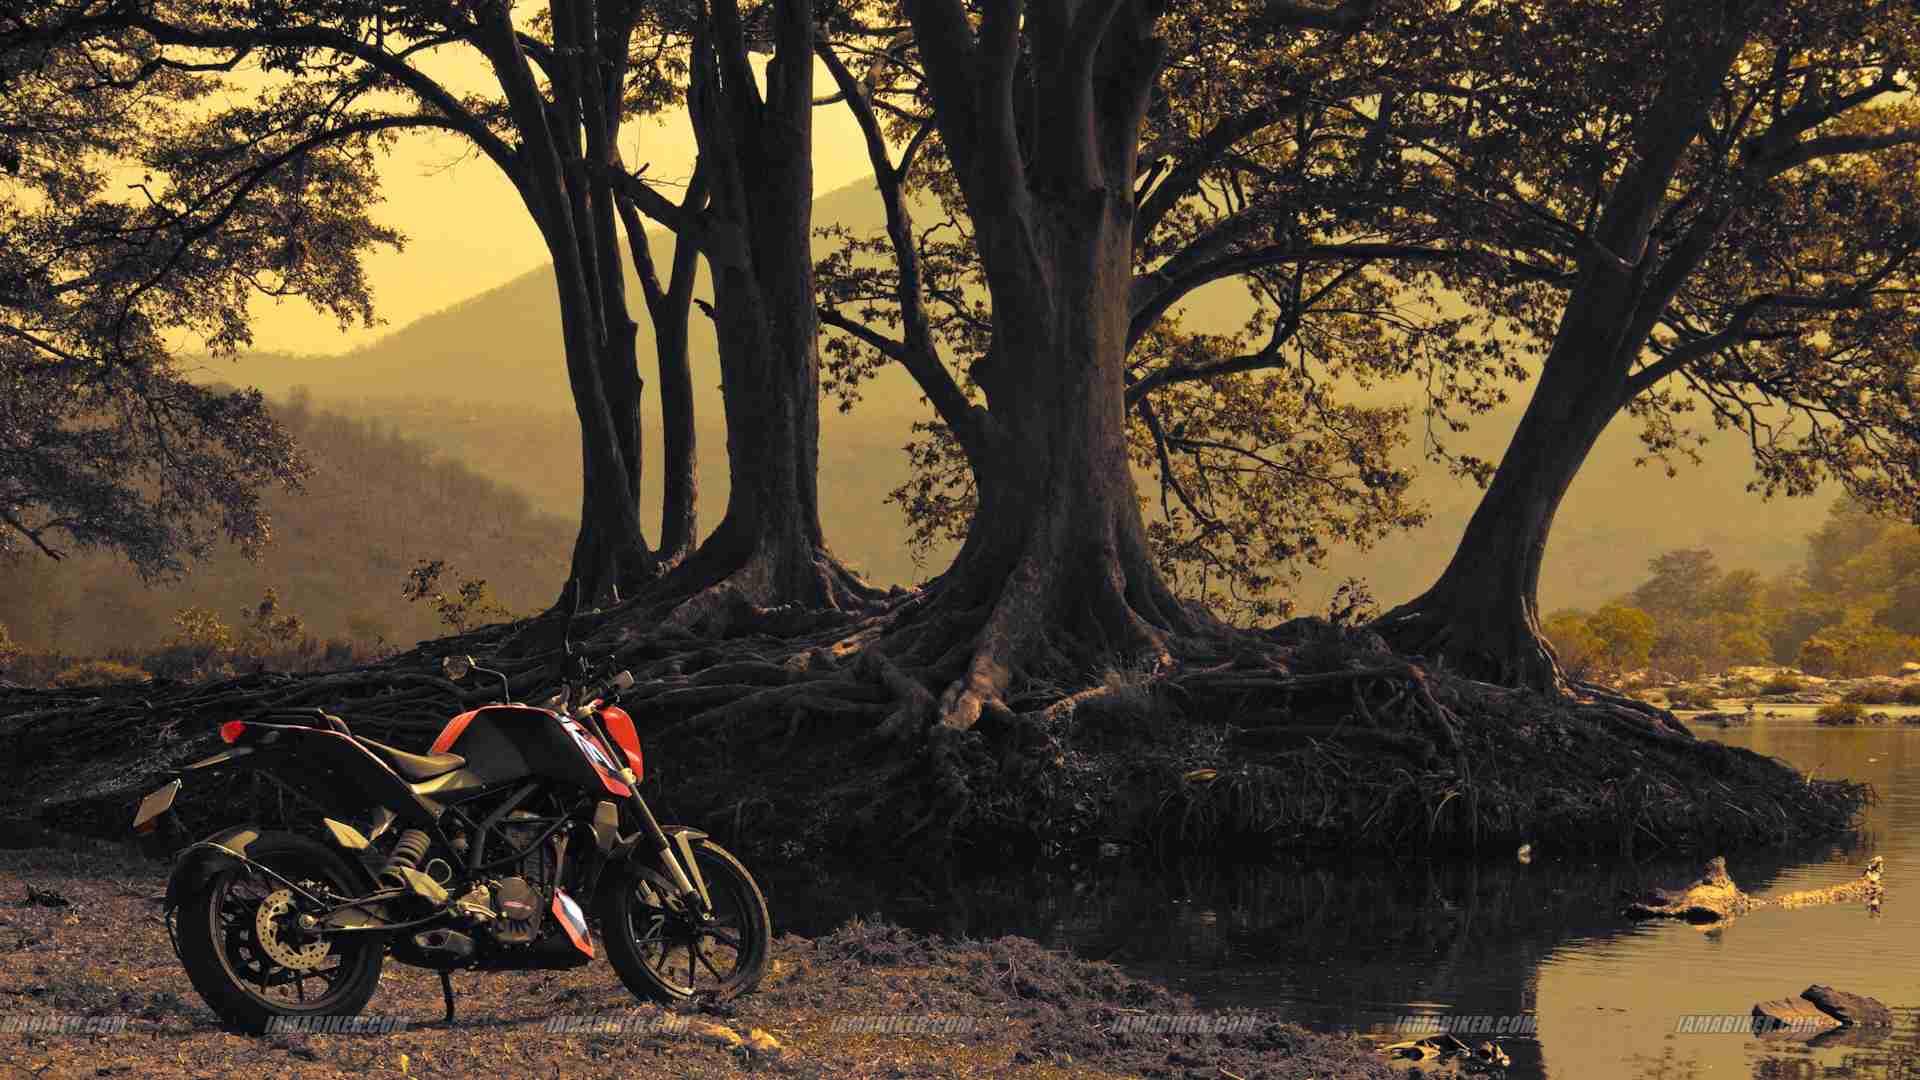 Ktm rc 200 bike full hd wallpaper